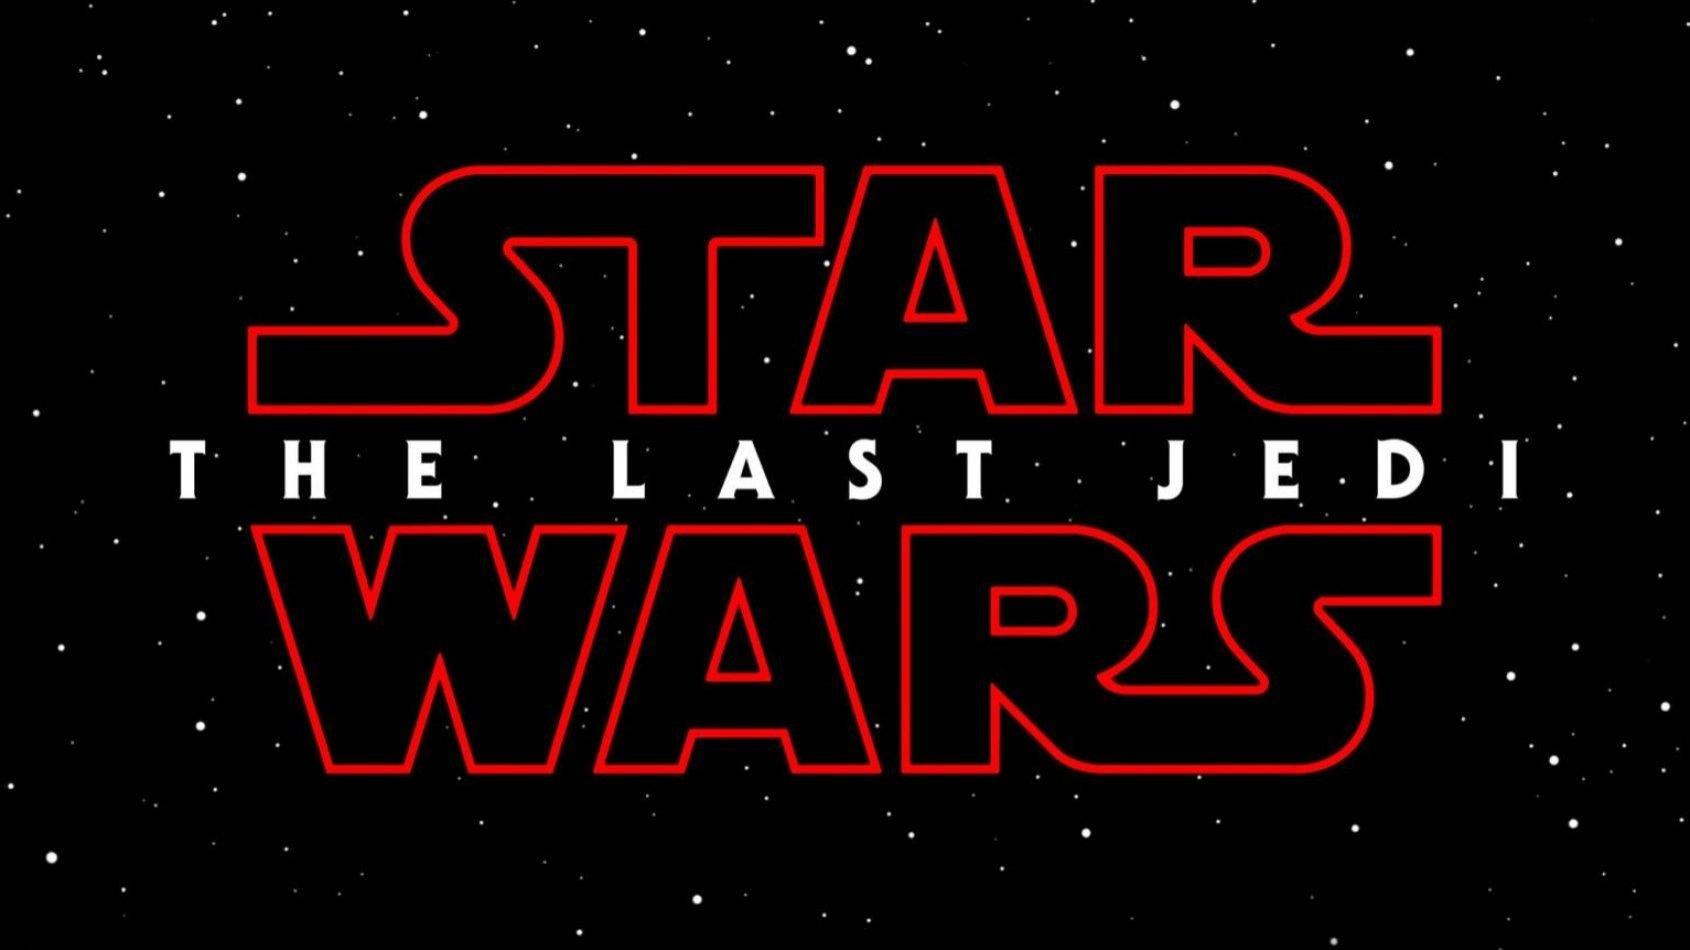 La description d'une nouvelle planète dans The Last Jedi ?